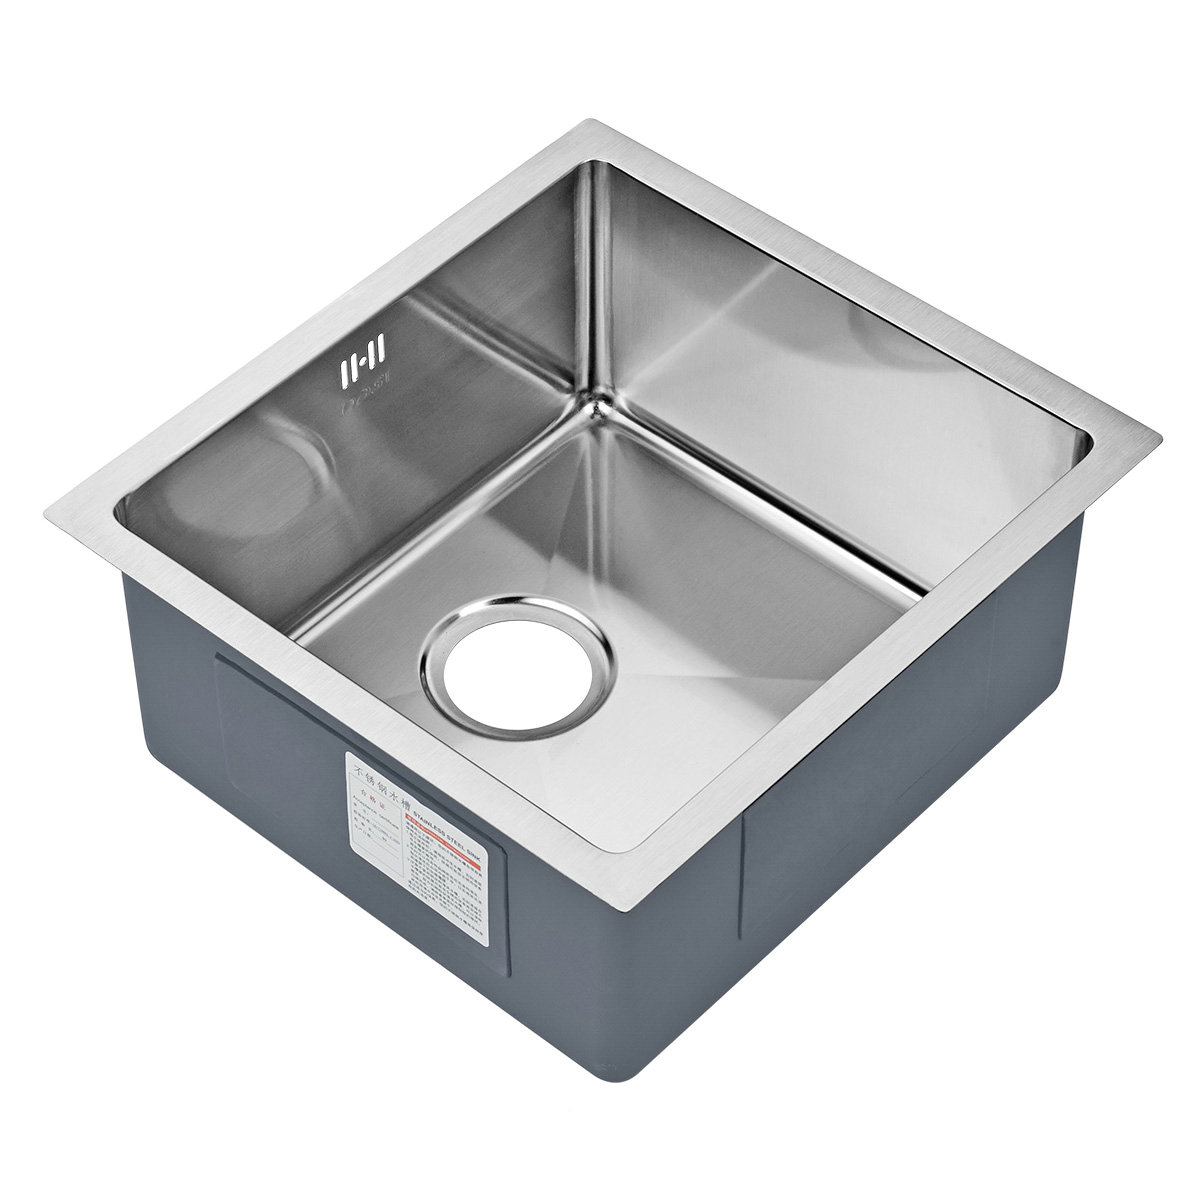 Einbauspüle Edelstahl Spülbecken Modern für Küche HM19